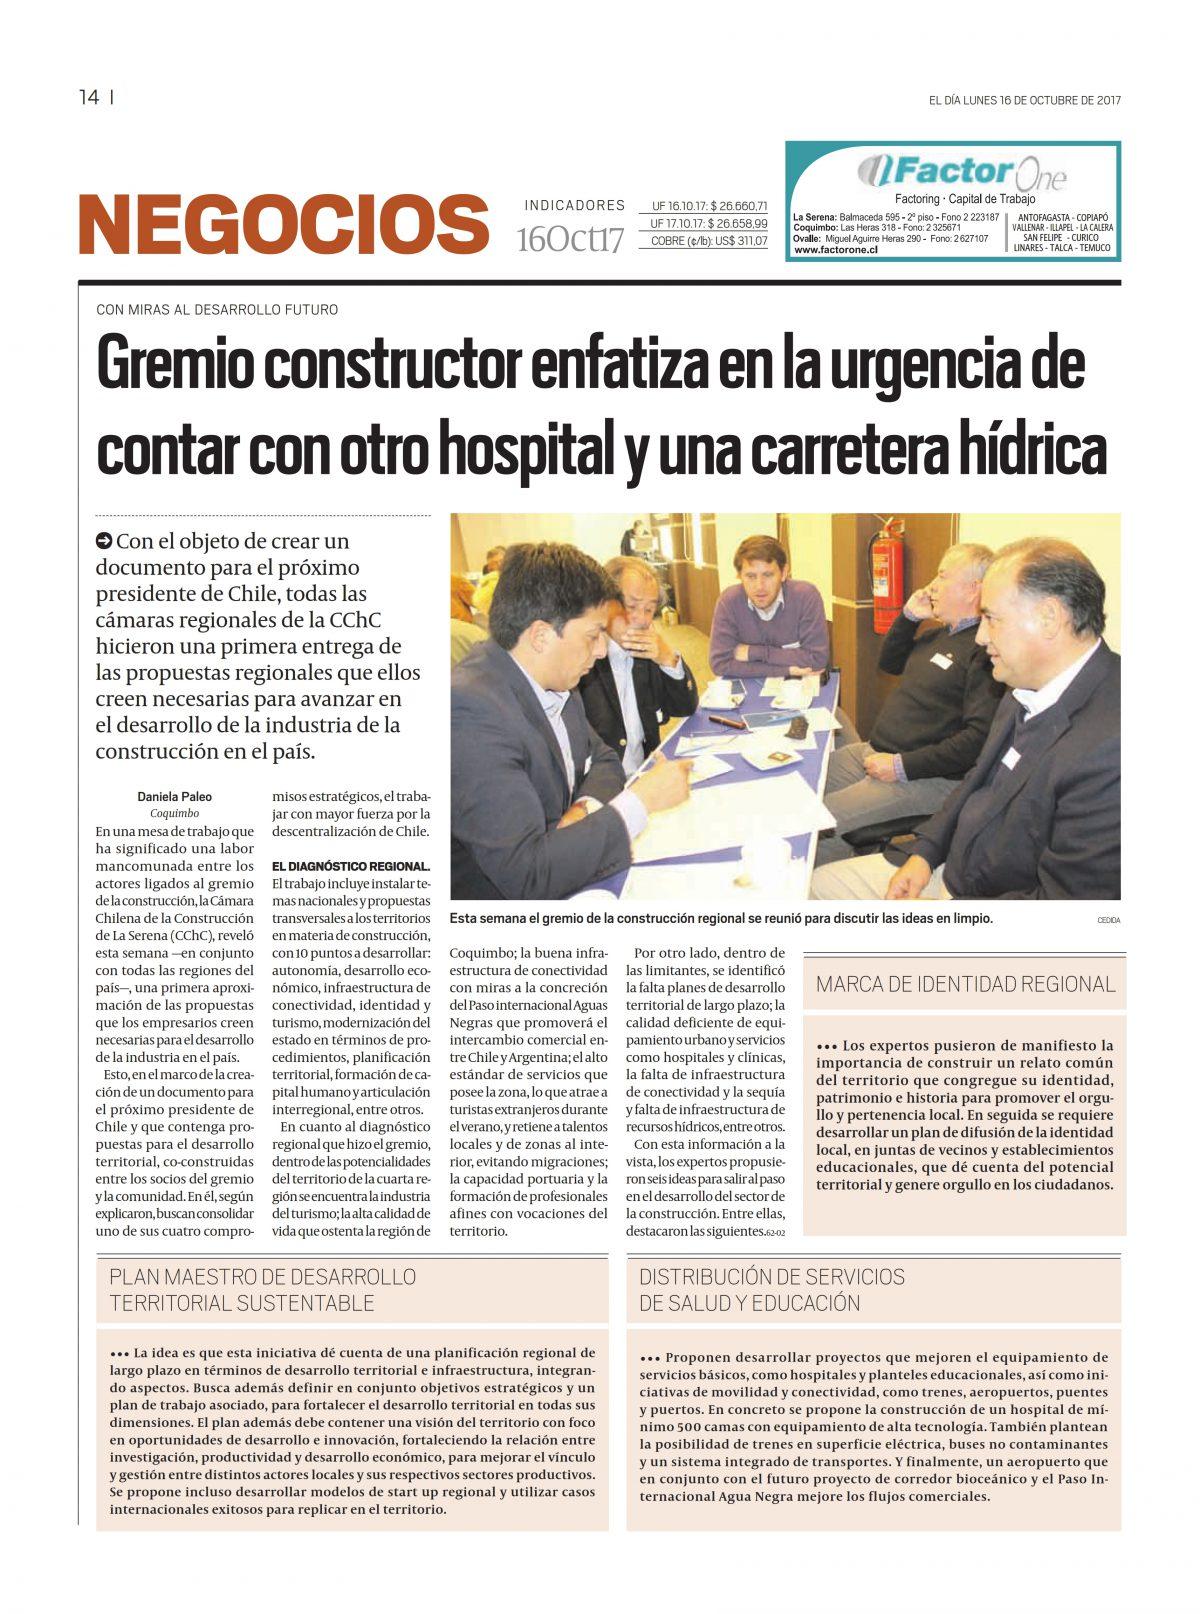 Gremio constructor enfatiza en la urgencia de contar con otro hospital y una carretera hídrica